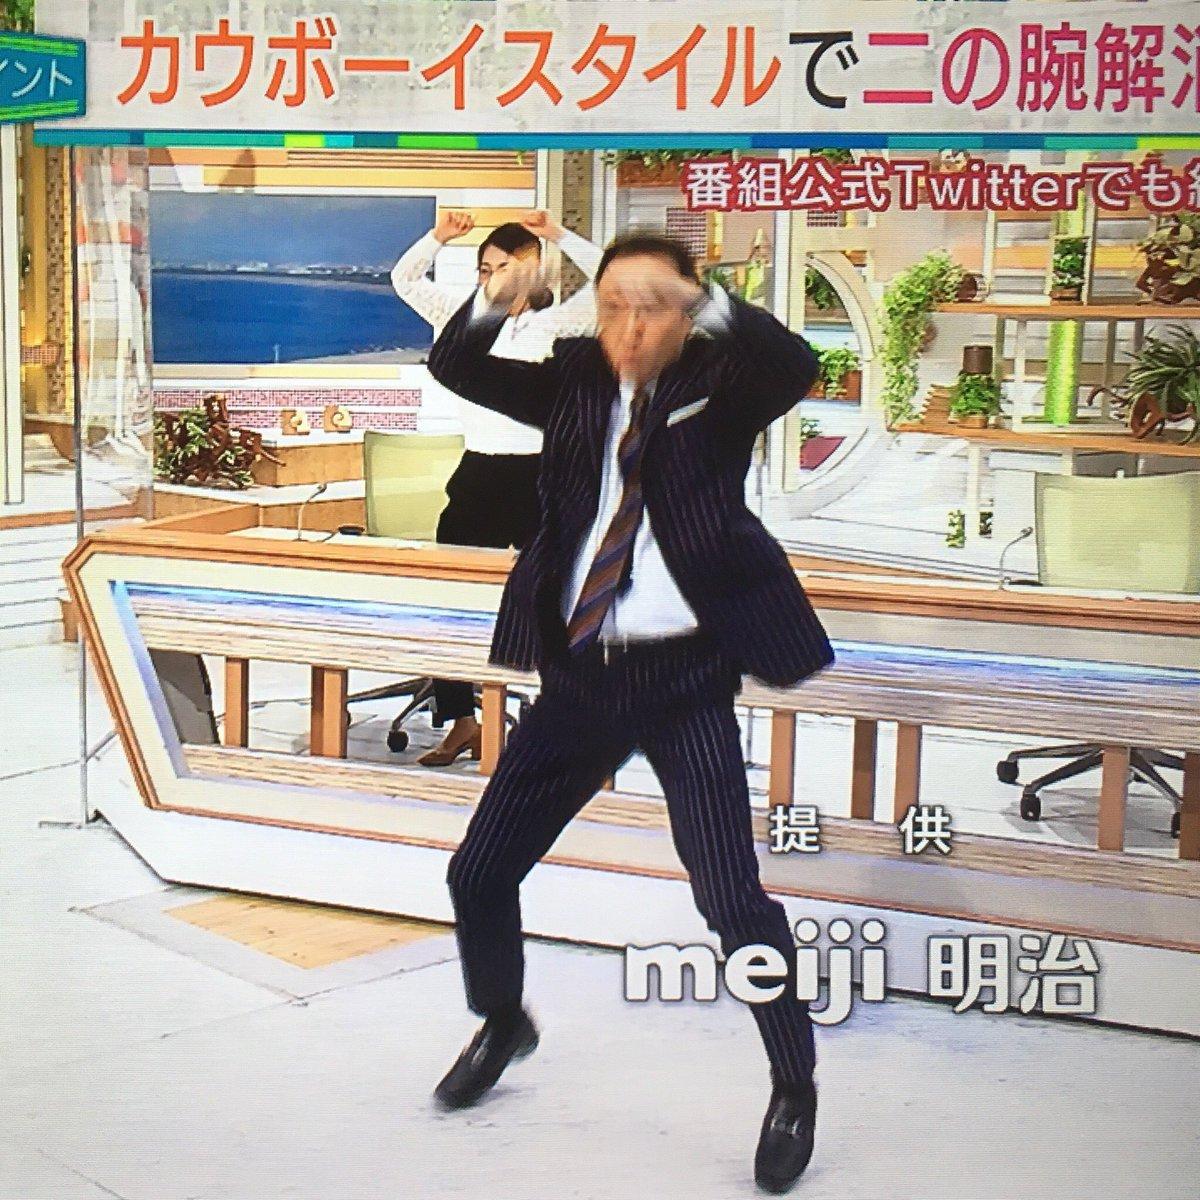 ショー 玉川 慎一 モーニング 羽鳥